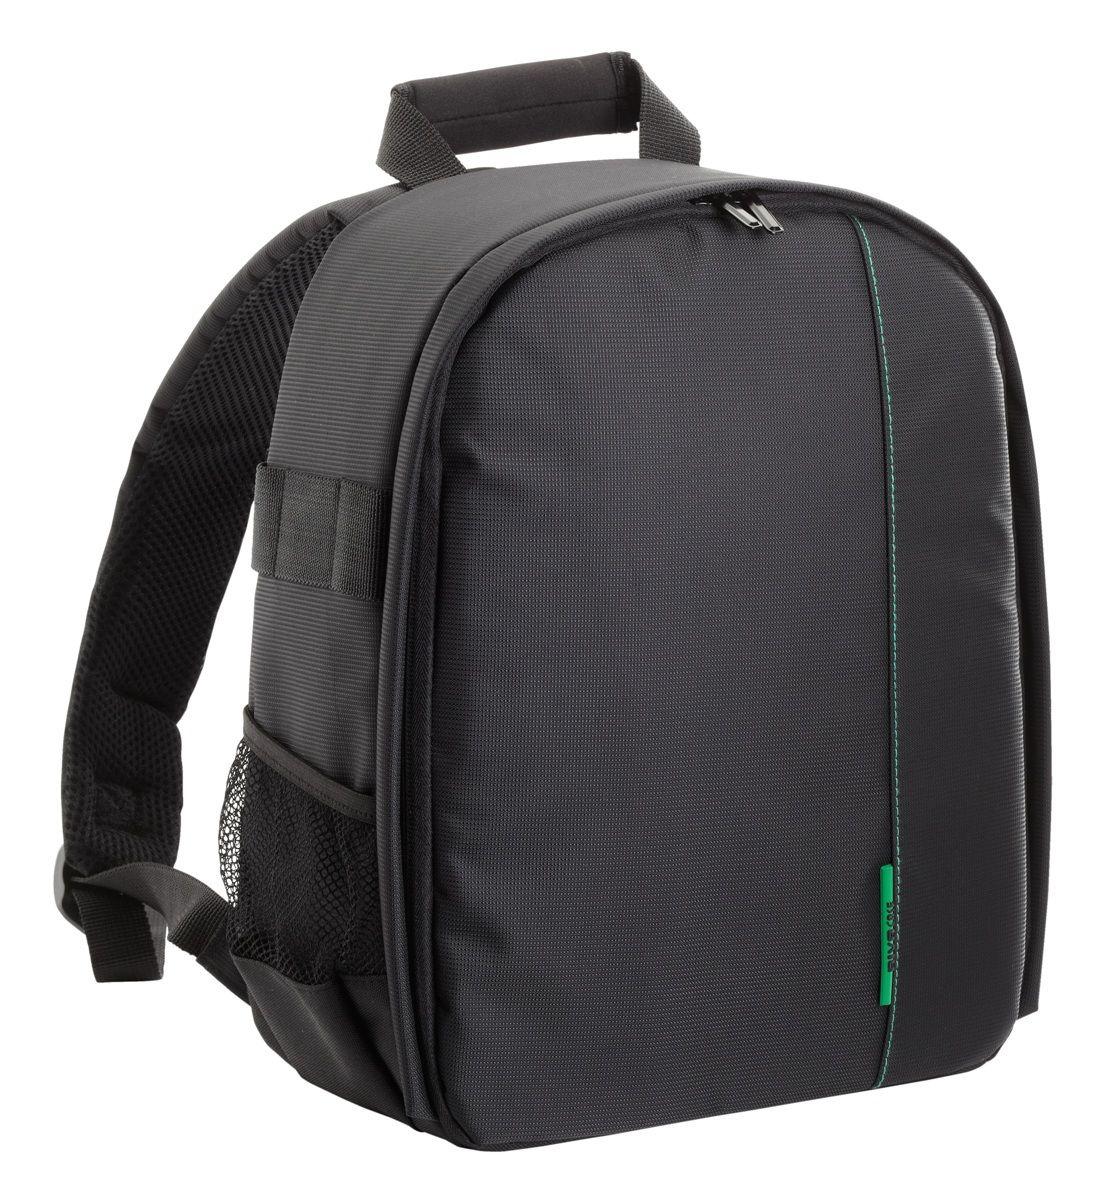 28c800bb39f3 RIVACASE 7460 SLR Backpack, Black рюкзак для зеркальной фотокамеры — купить  в интернет-магазине OZON.ru с быстрой доставкой